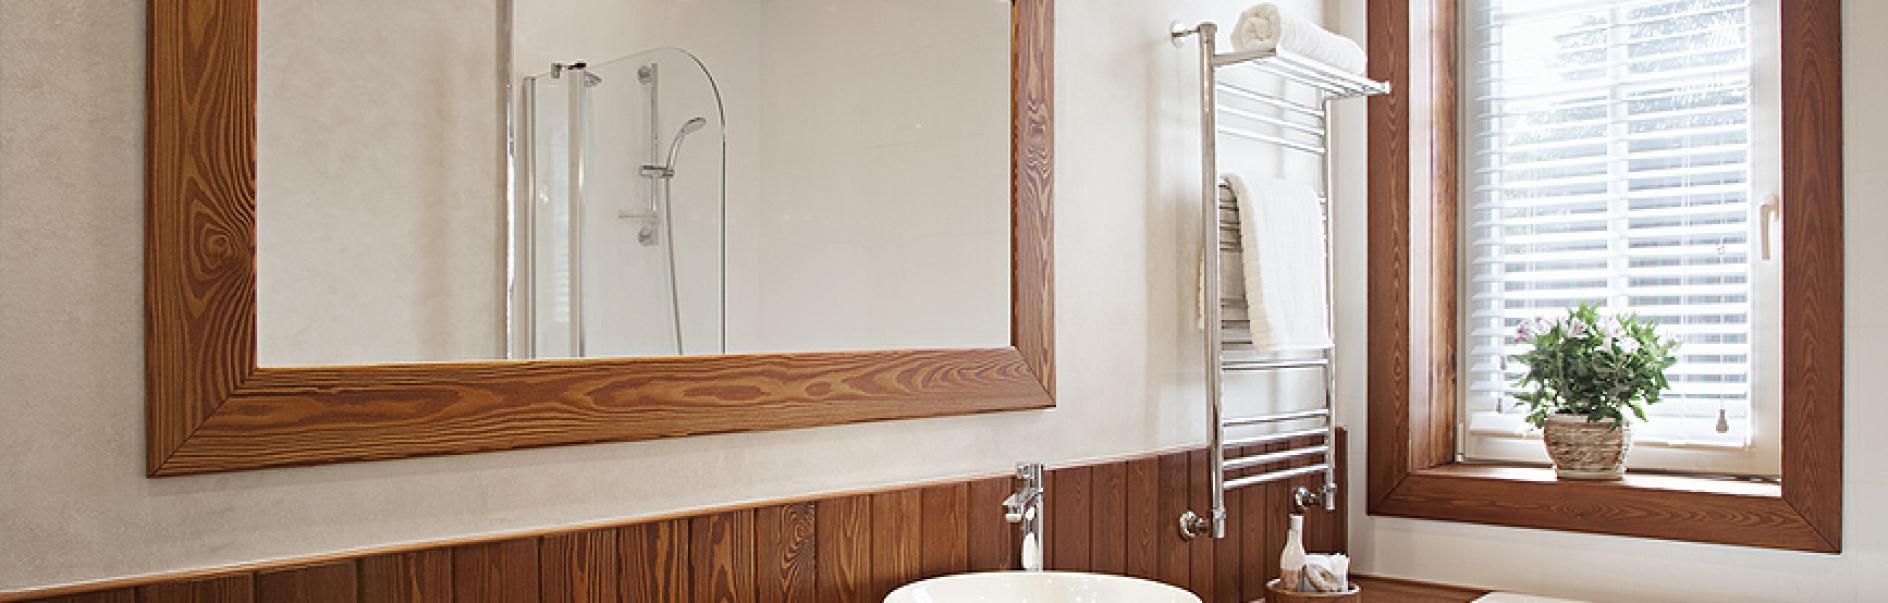 Lo Specchio In Cucina appendere uno specchio